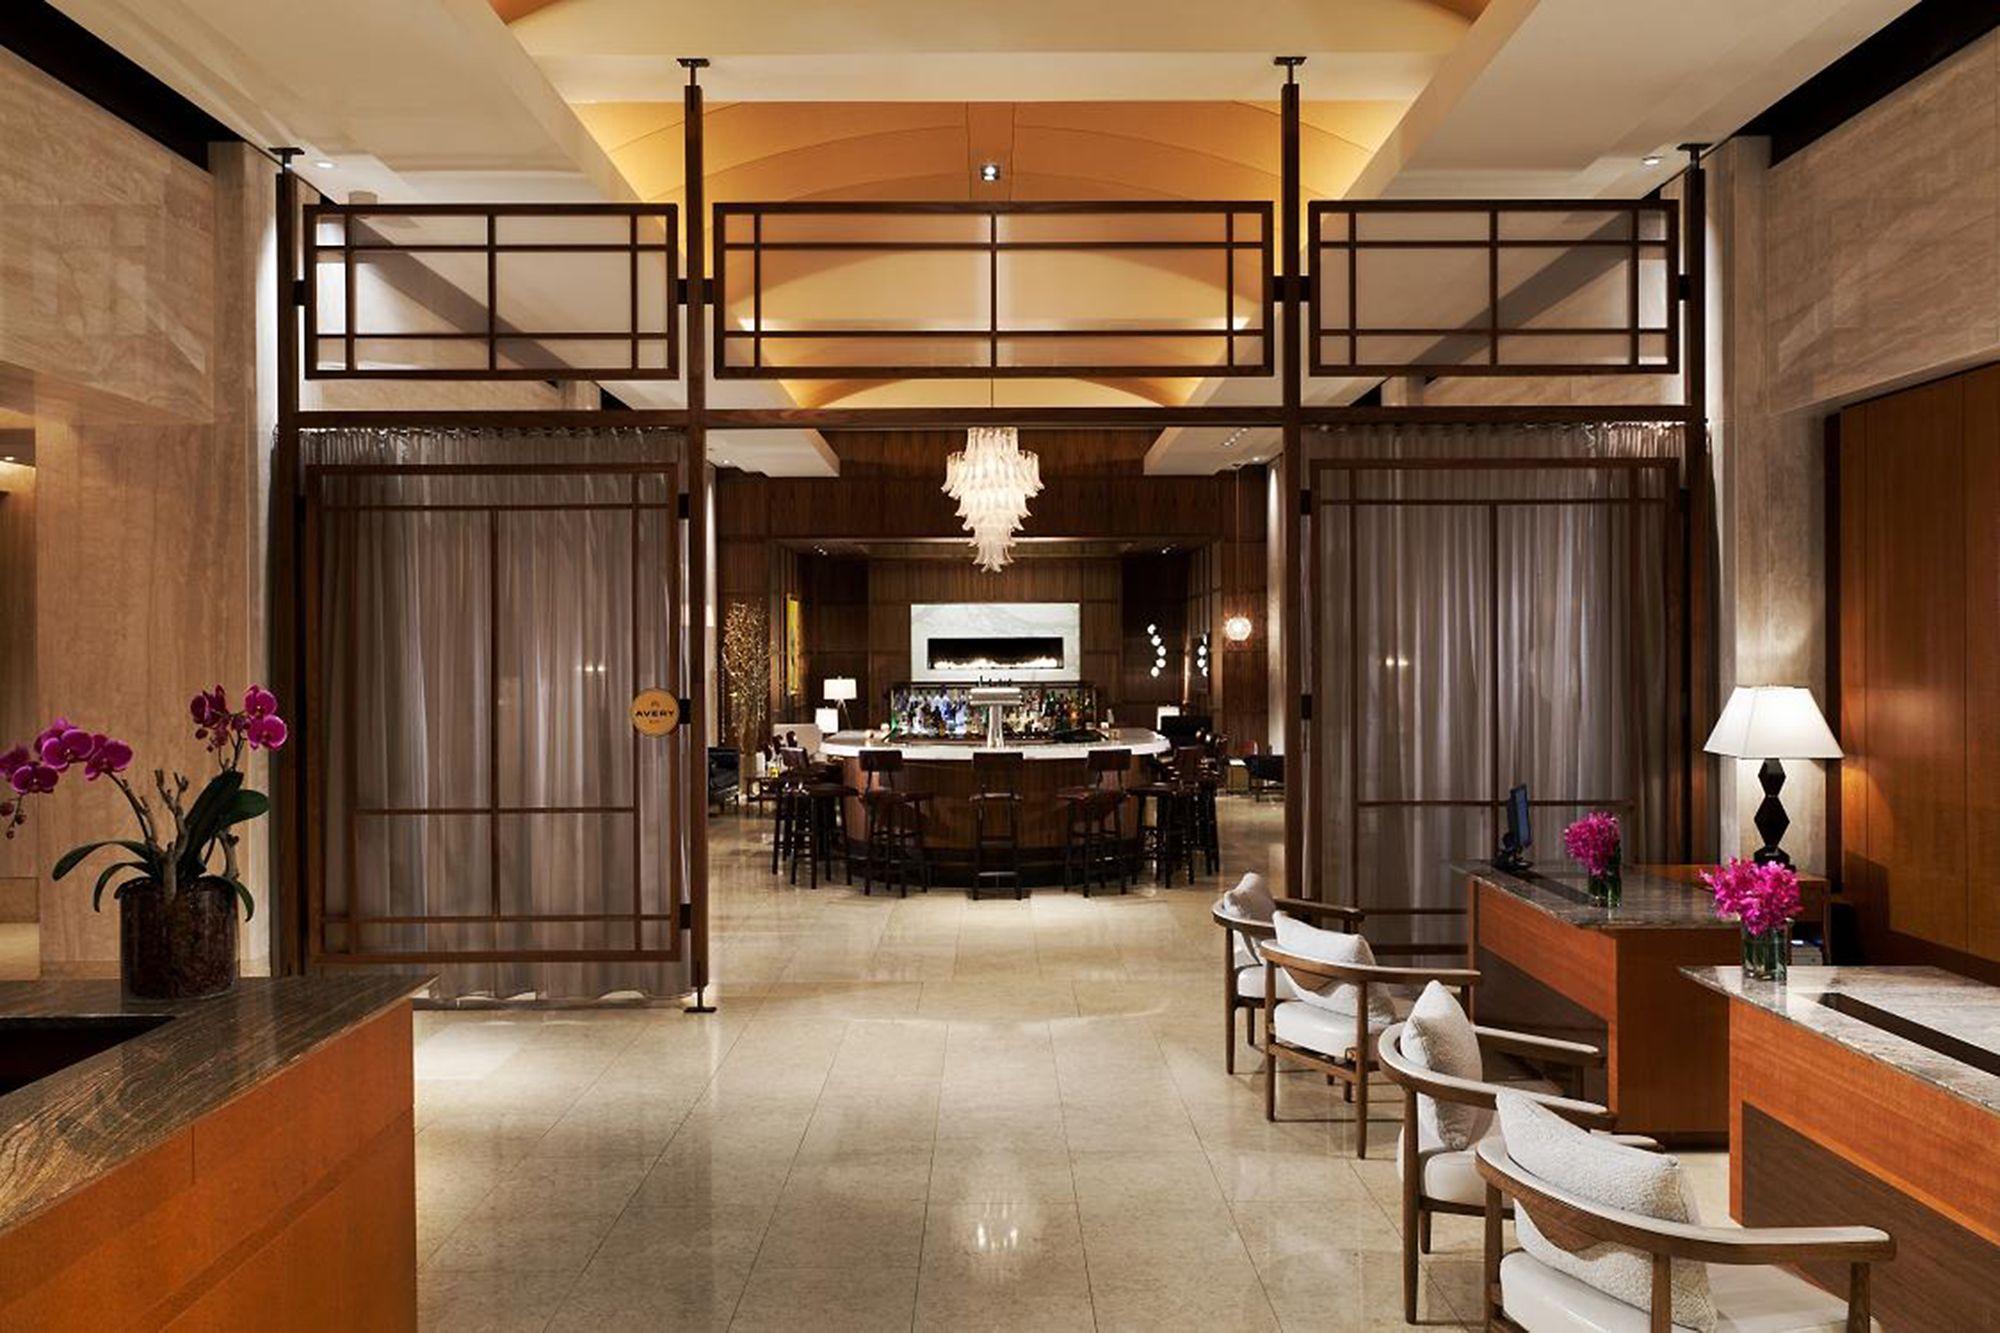 The Ritz-Carlton, Boston image 0